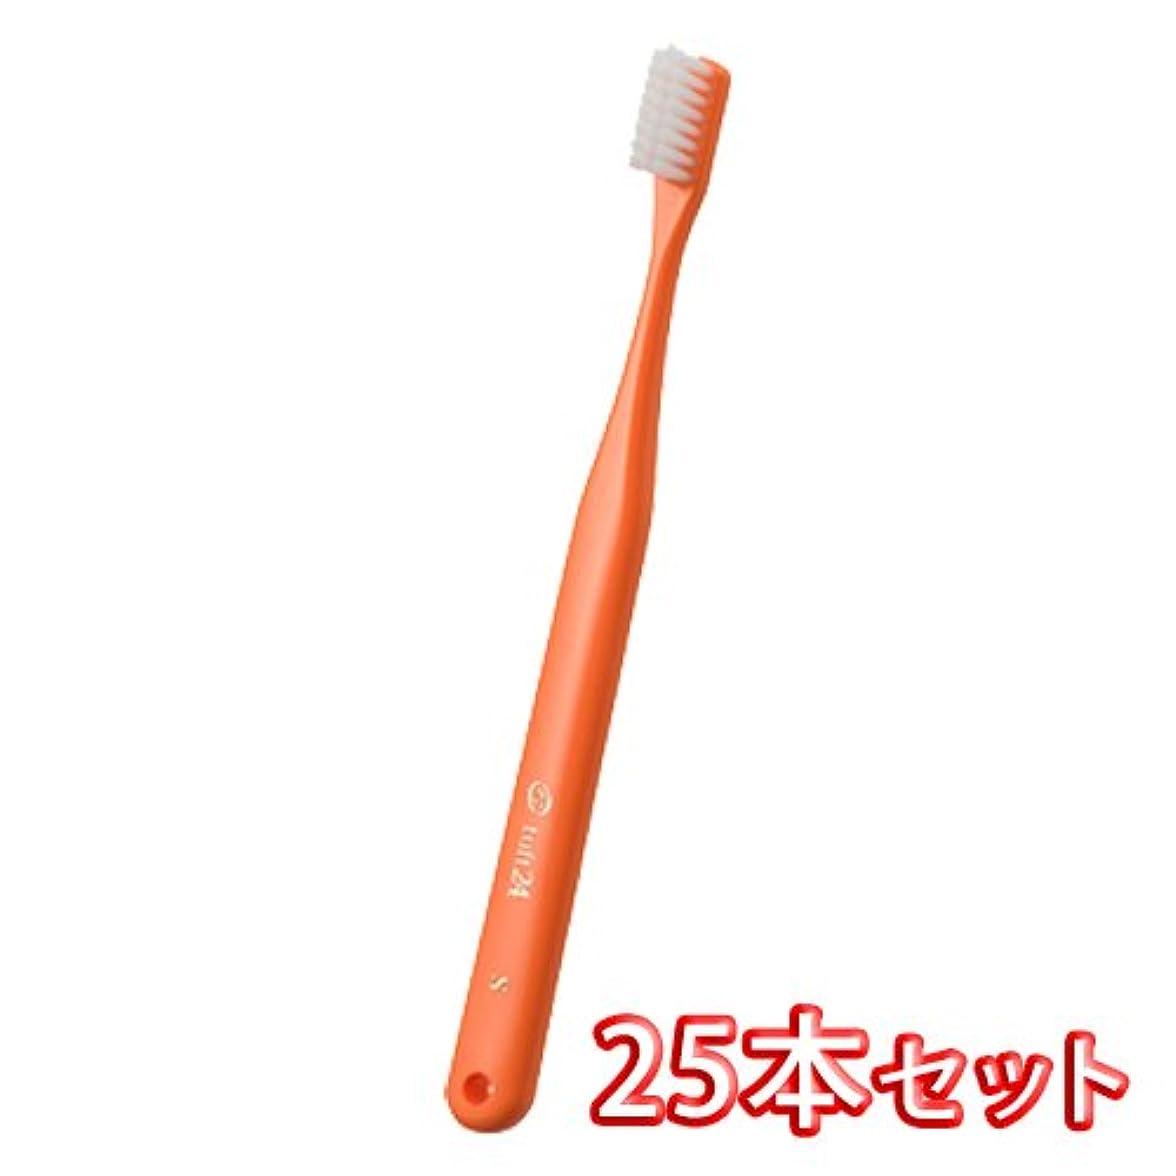 探検死すべきとんでもないオーラルケア キャップ付き タフト 24 歯ブラシ 25本入 ミディアムソフト MS (オレンジ)